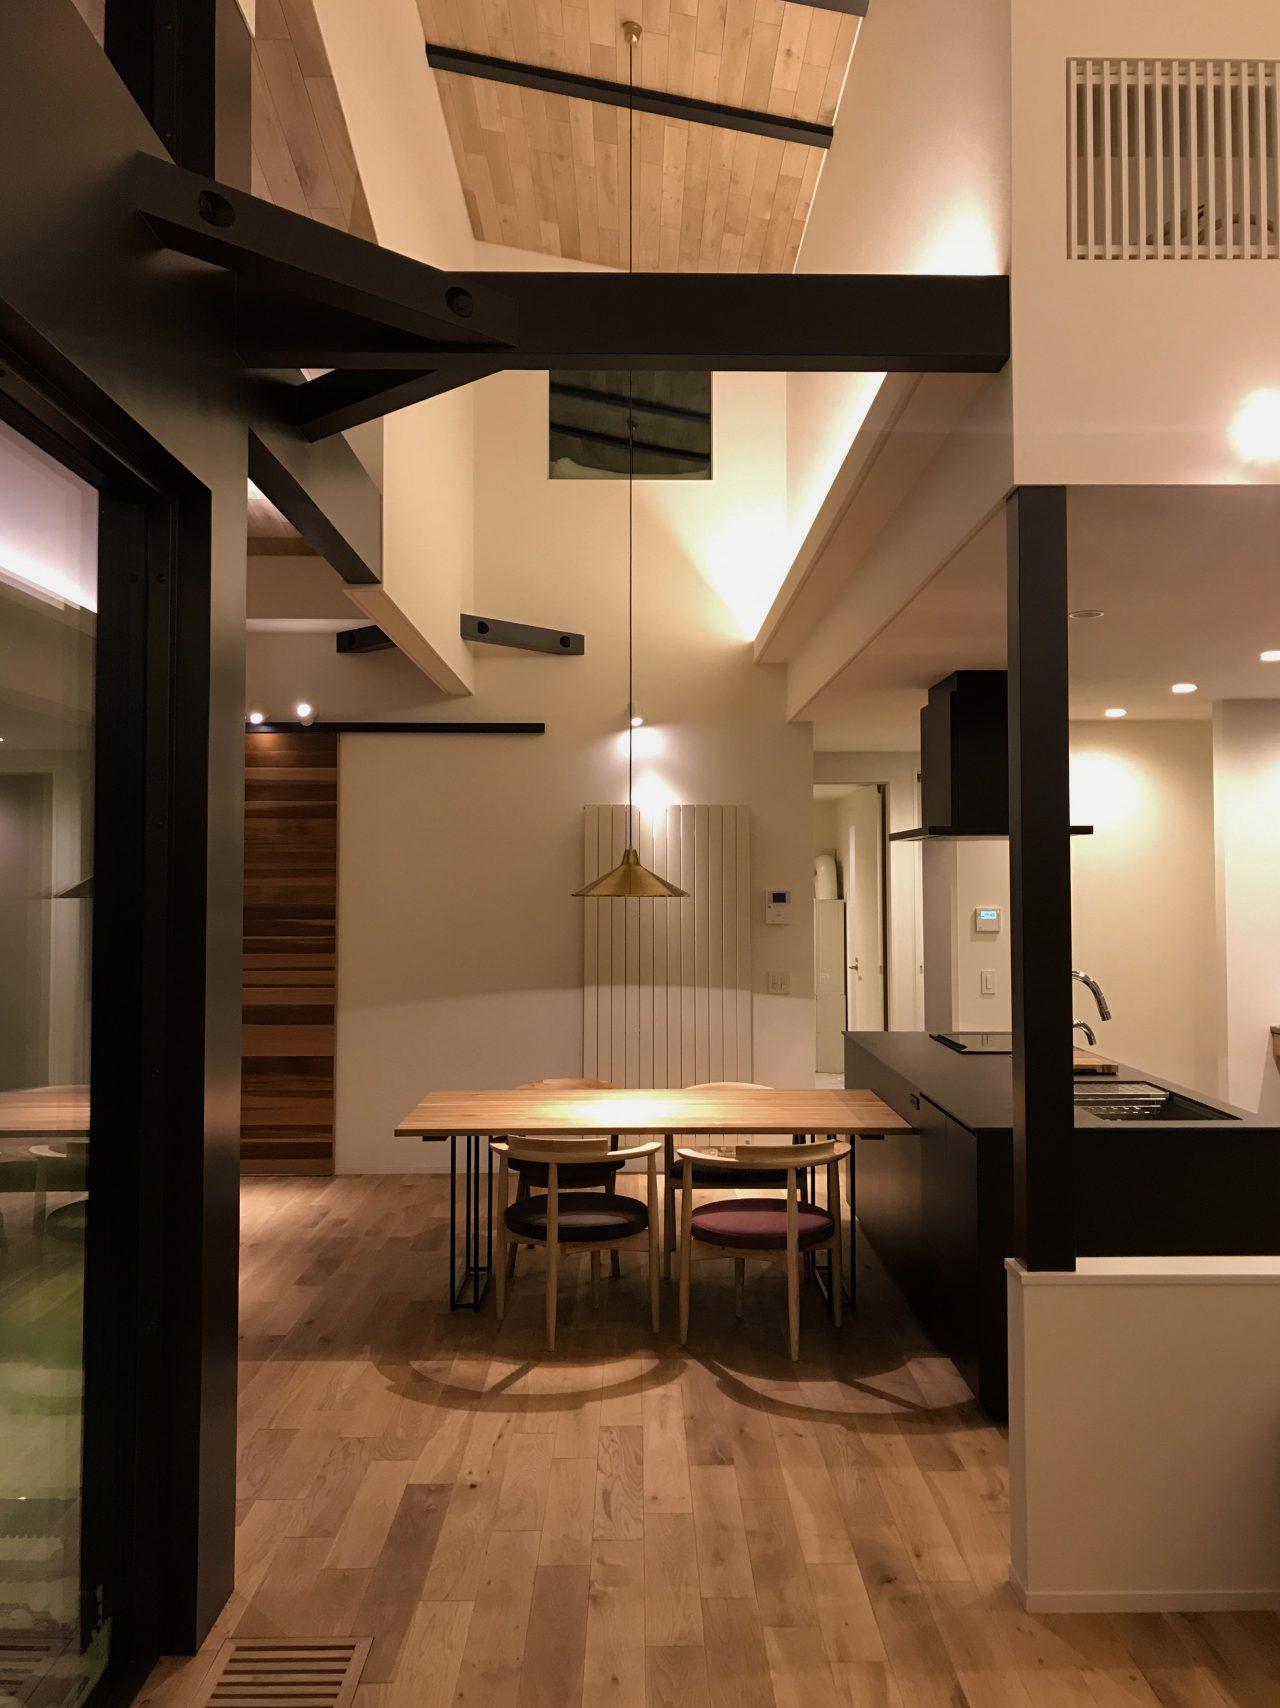 天井の高い無垢の床の新築住宅